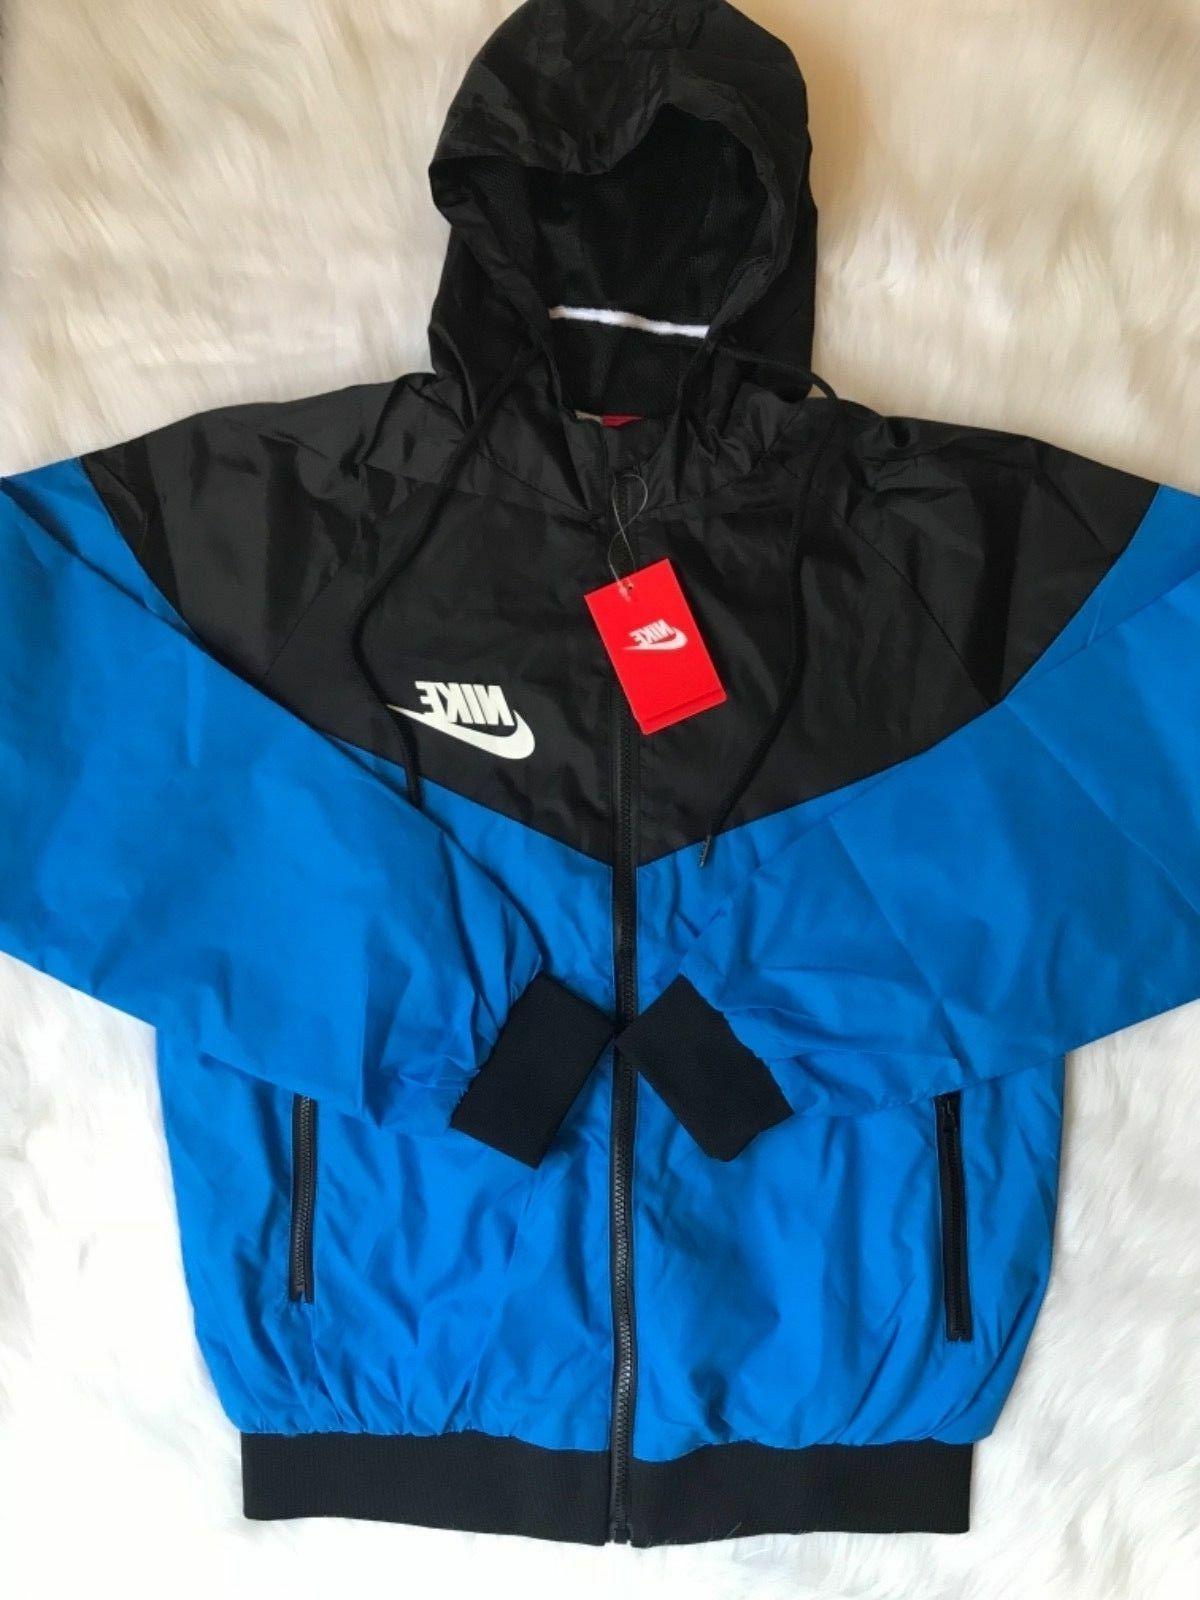 SLIM MEN'S/WOMEN'S Jacket